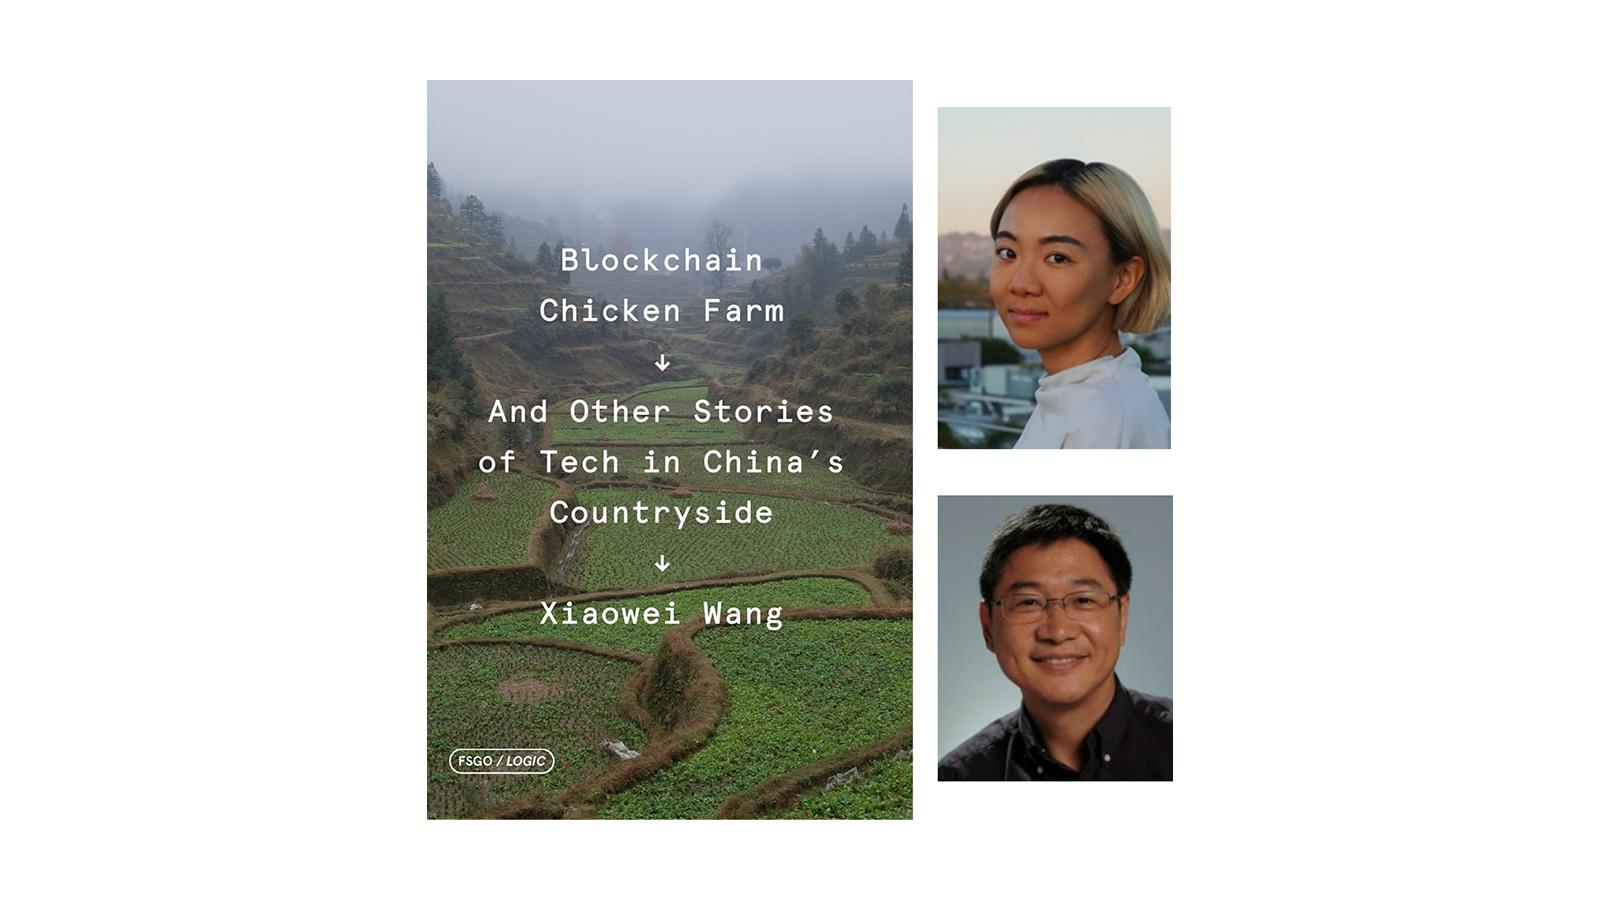 Blockchain Chicken Farm